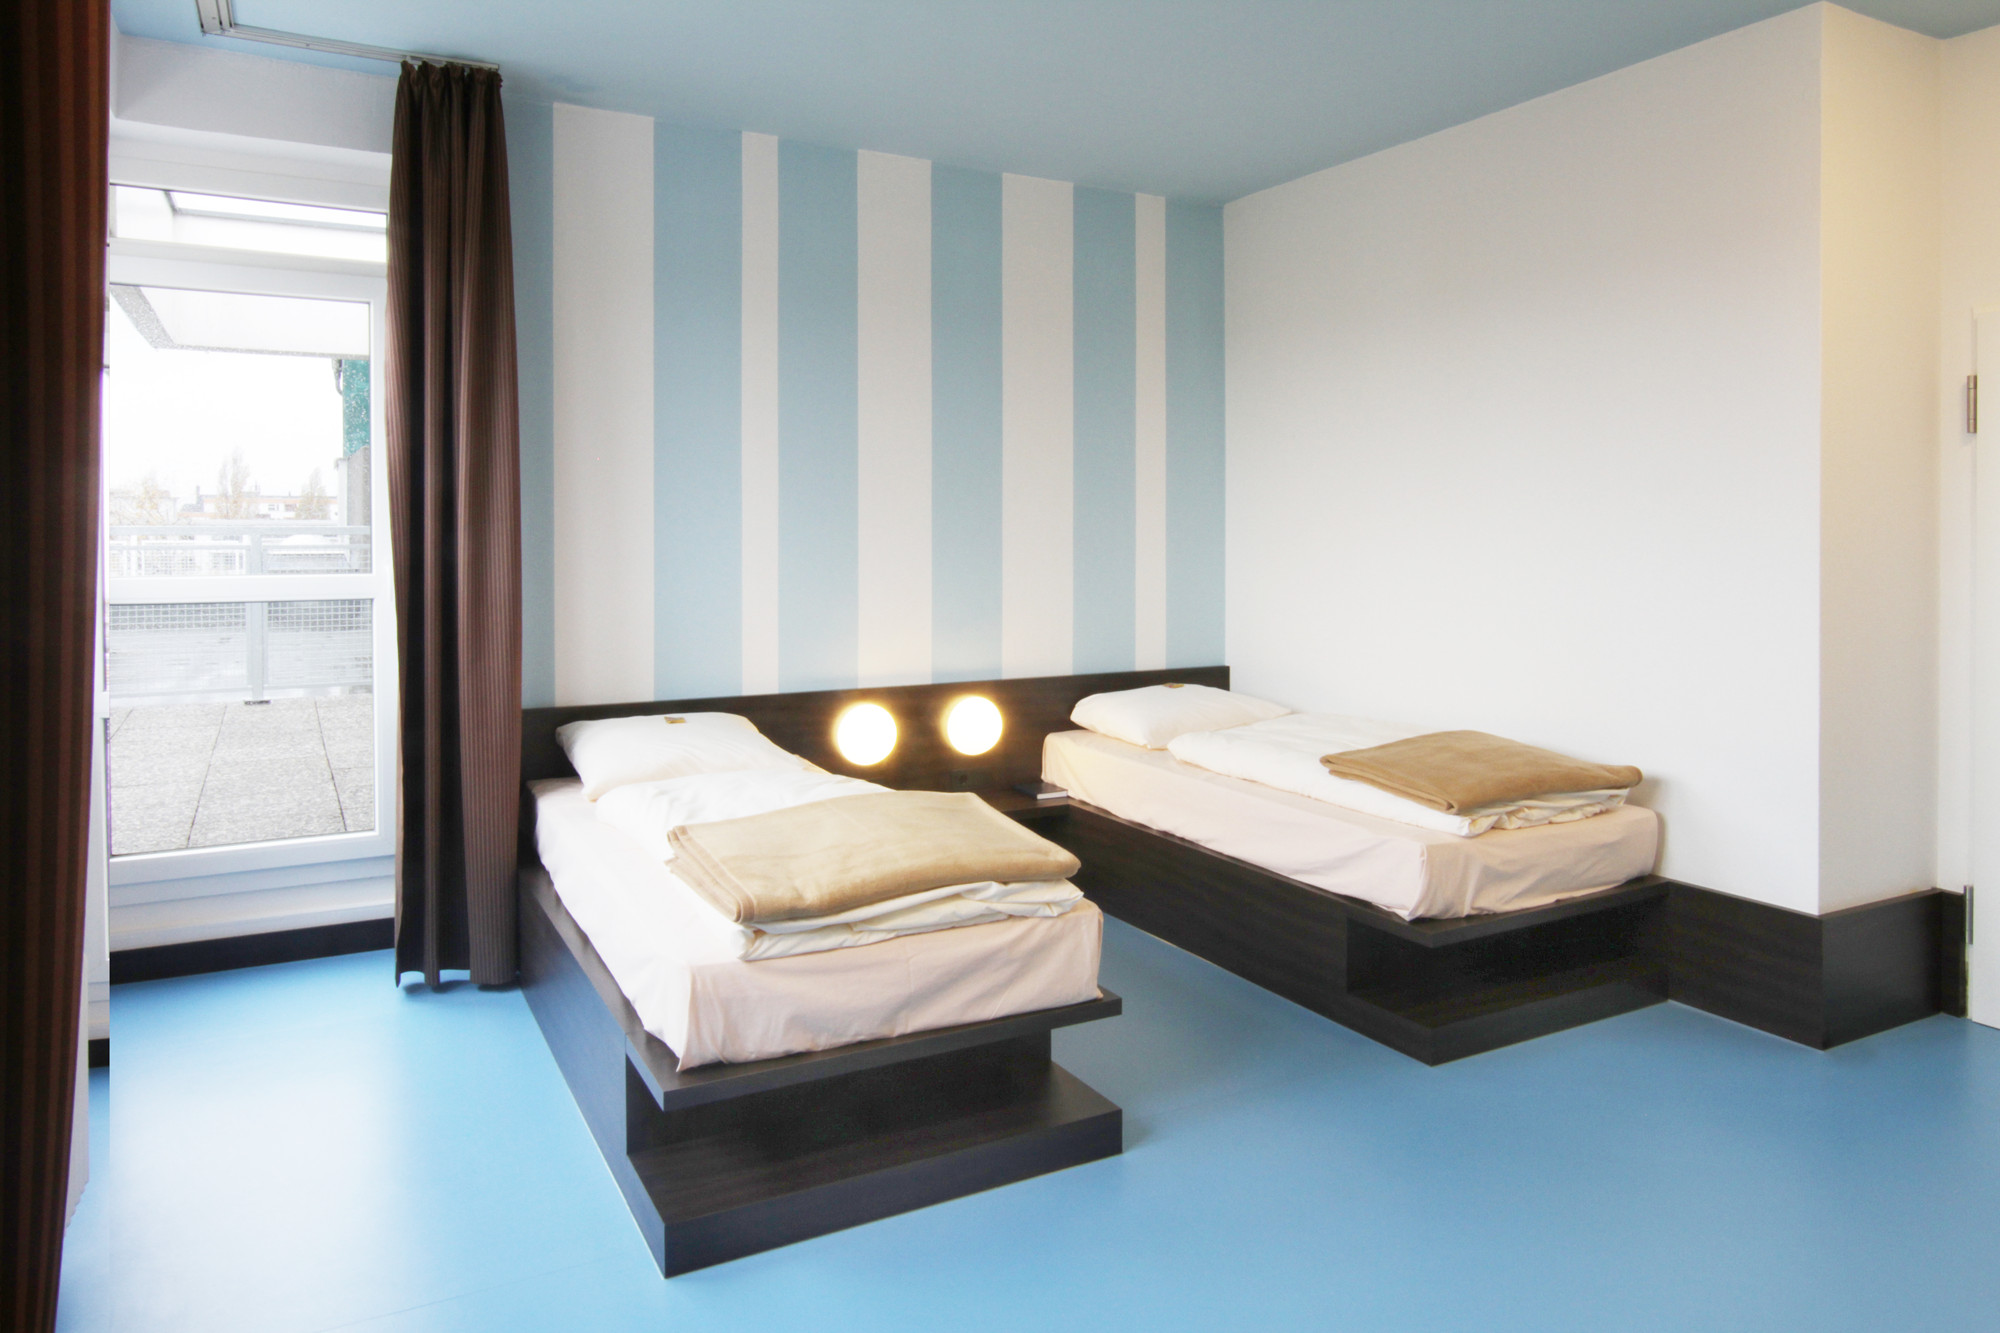 Hotel Grenzfall In Berlin   Sicherheitstechnik   Hotel/gastronomie, Modern  Dekoo